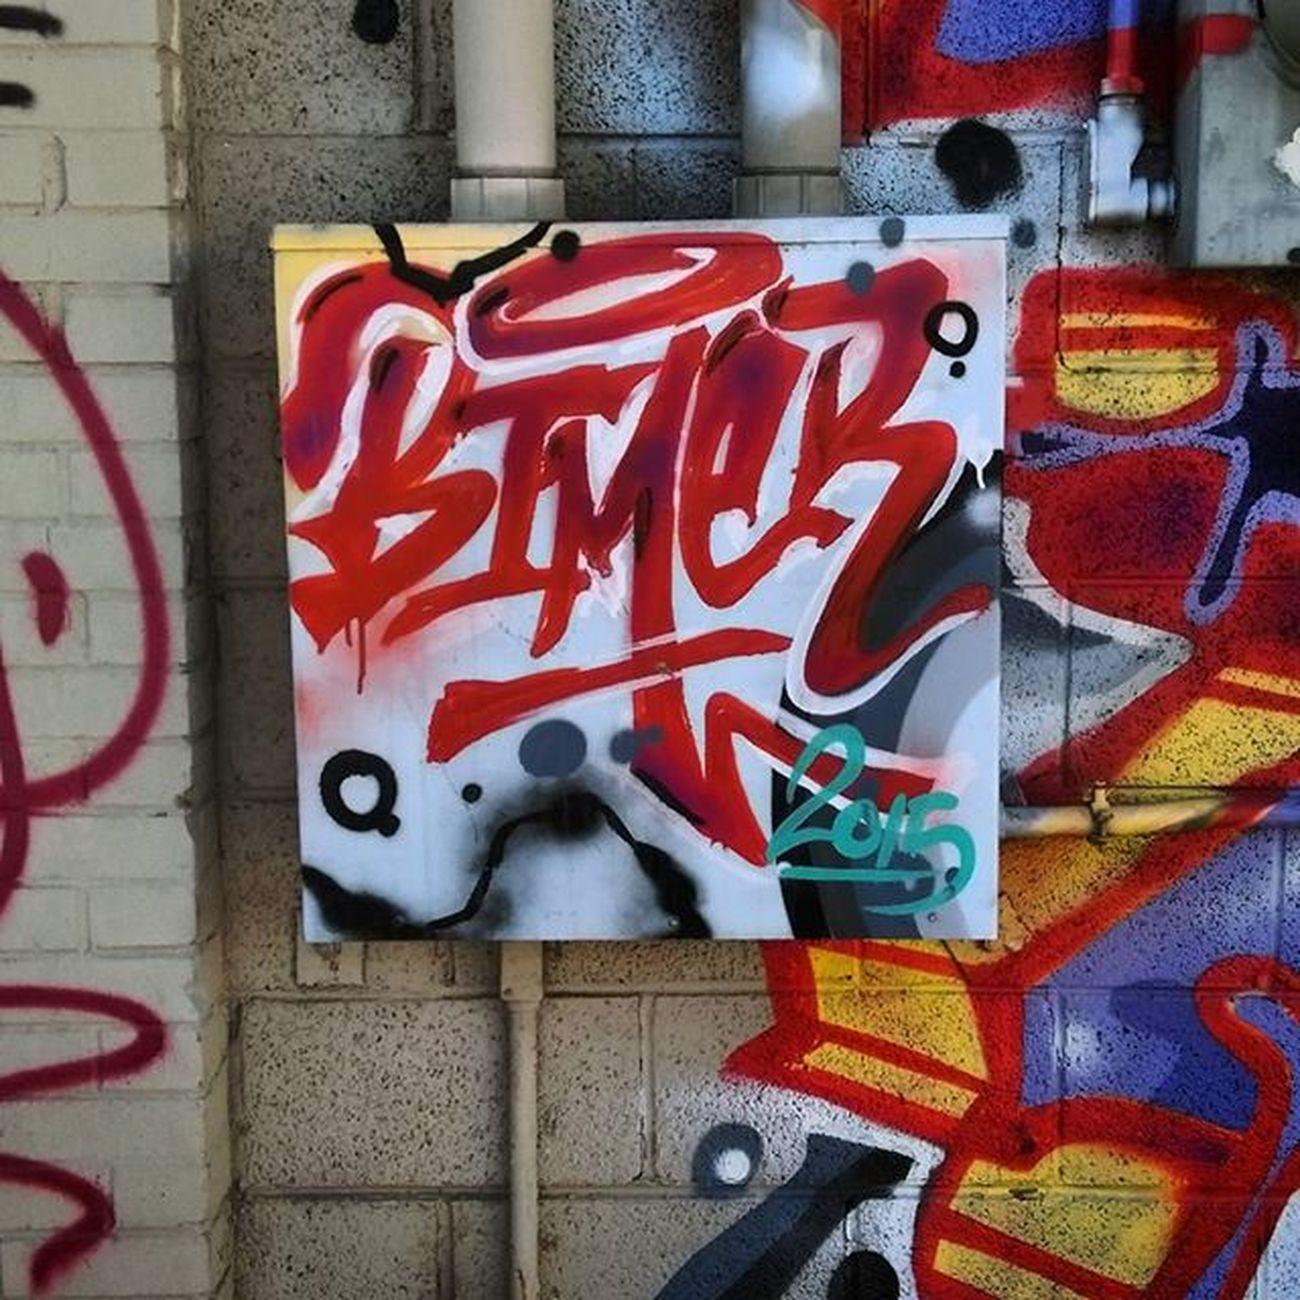 Graffiti Graffhunter Graffitiporn Graffiti Graffhunter Tags Denvergraffiti Denvertags Bimmert Bimmer